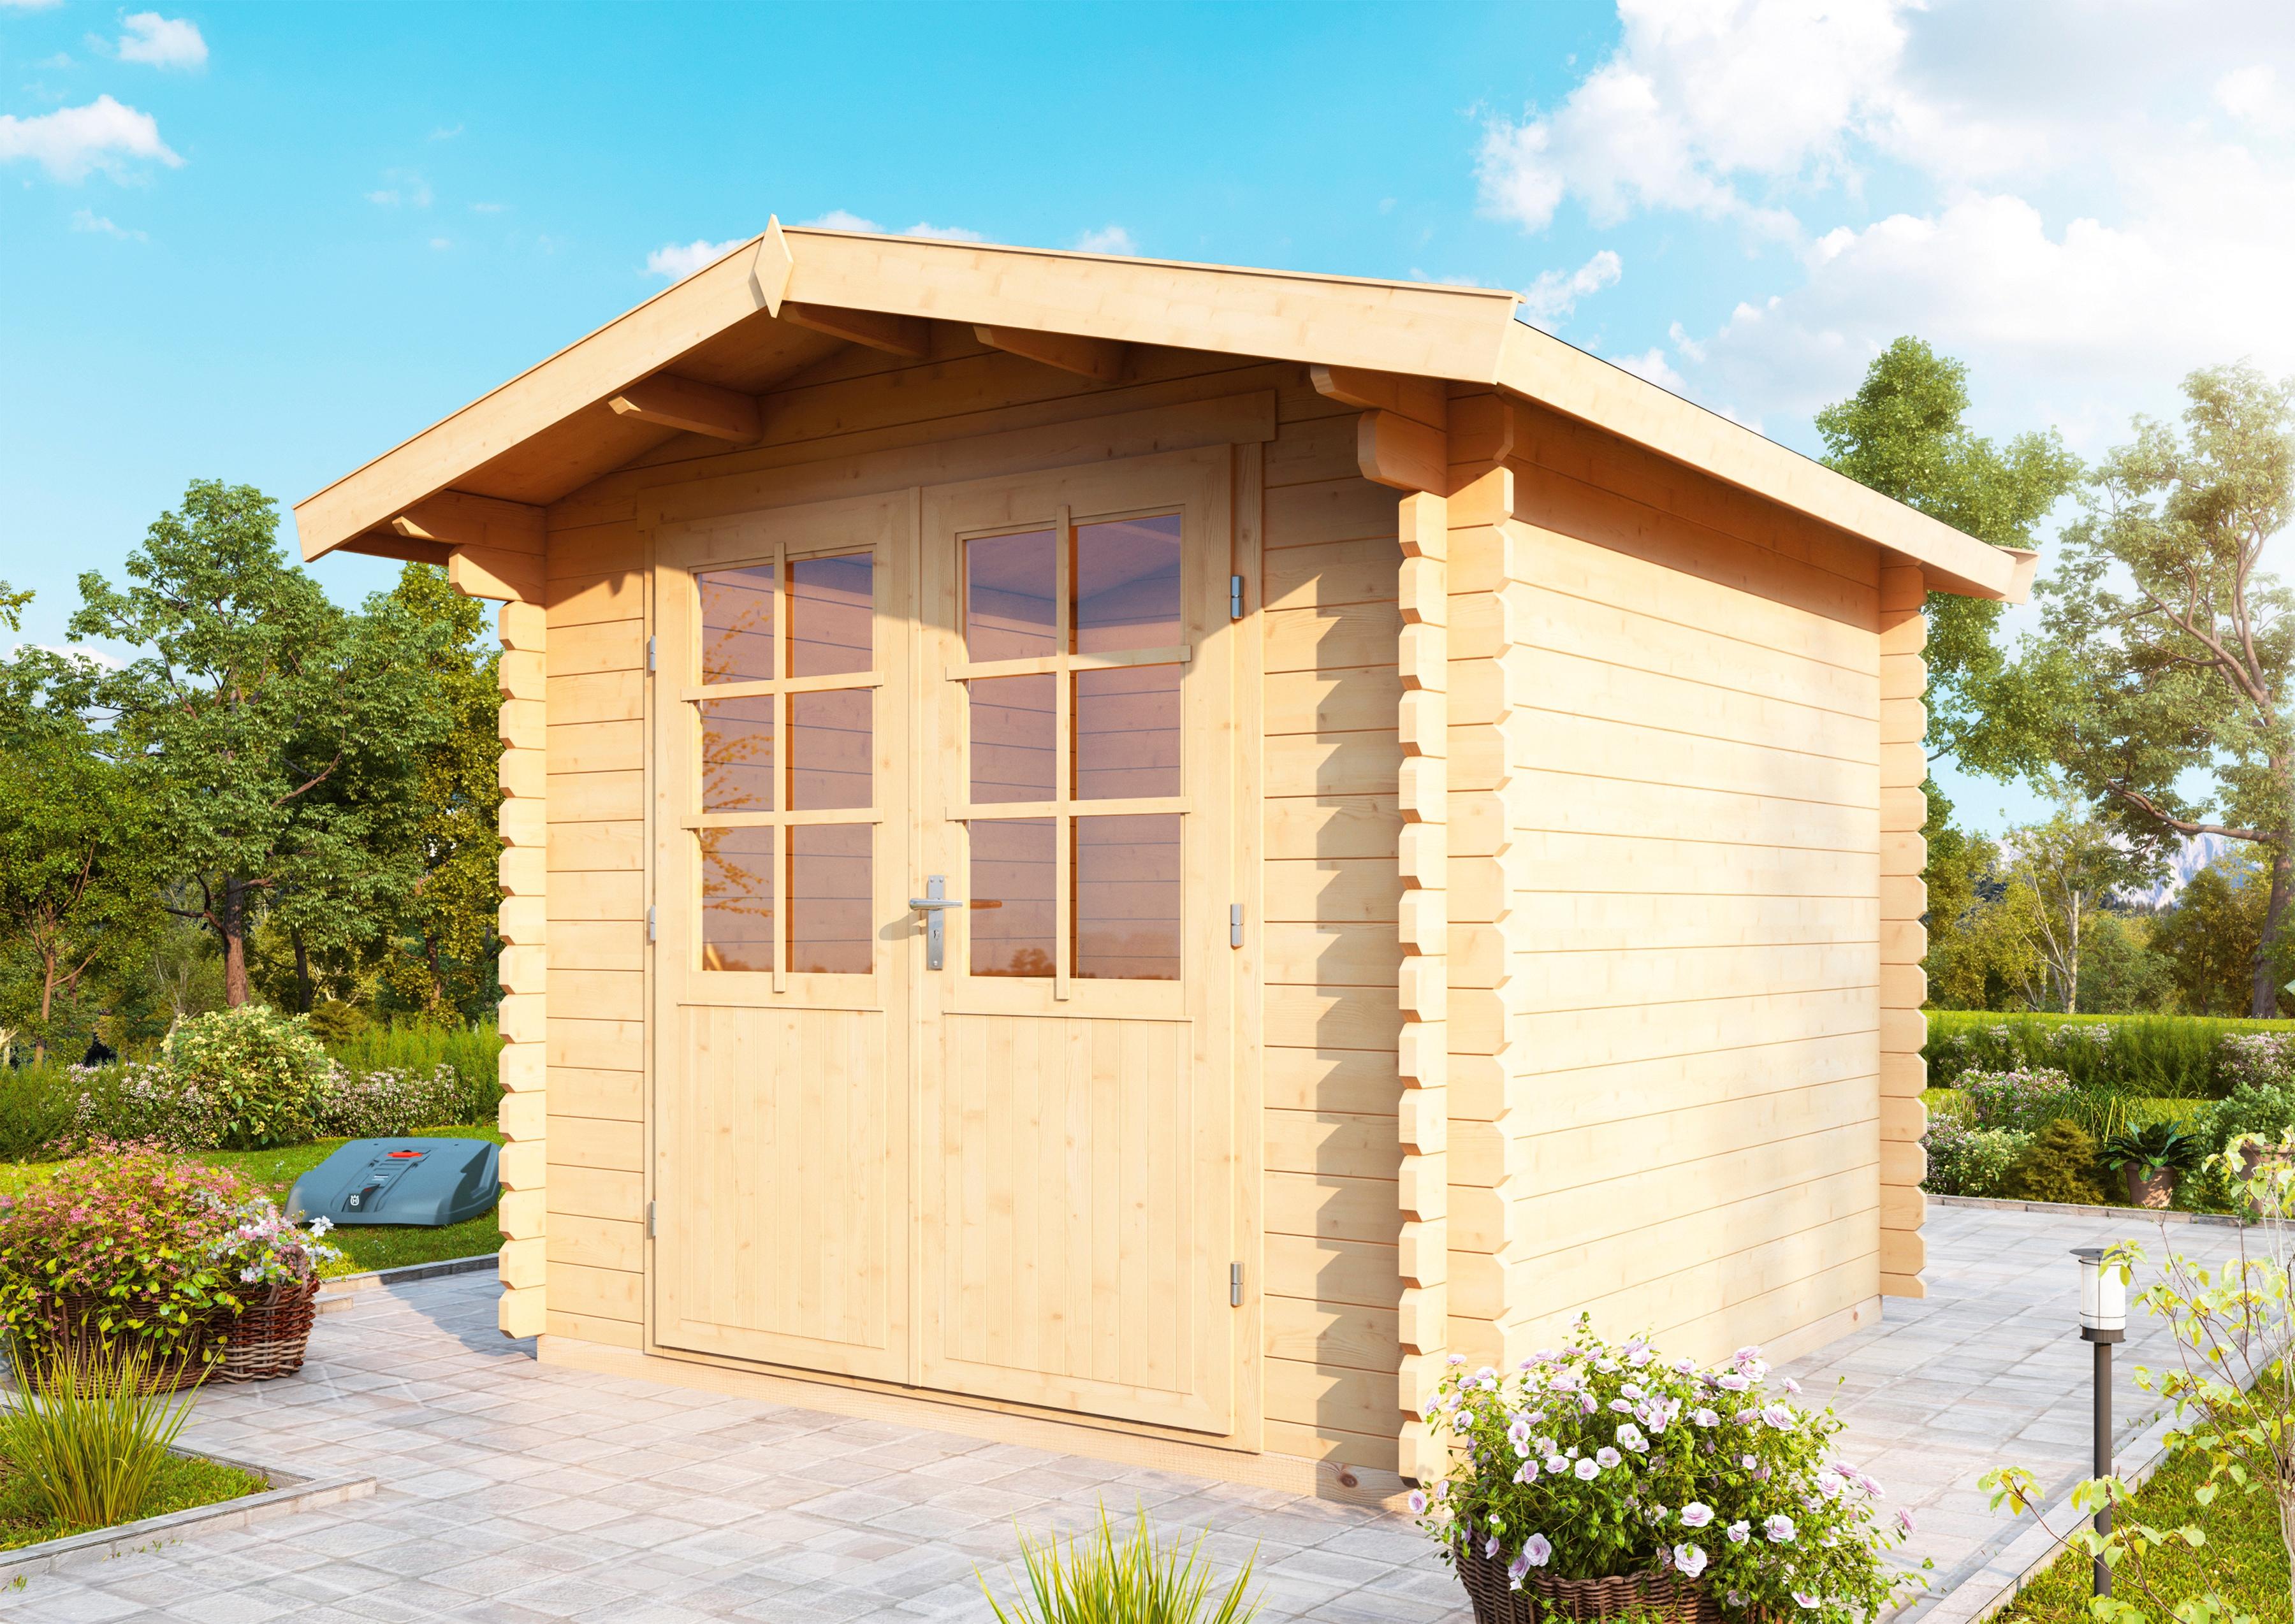 WOLFF FINNHAUS Gartenhaus »Bibertal 28-A«, BxT: 292x300 cm, inkl. Fußboden | Garten > Bodenbeläge-Garten | Natur | Fichte - Hölzer | WOLFF FINNHAUS